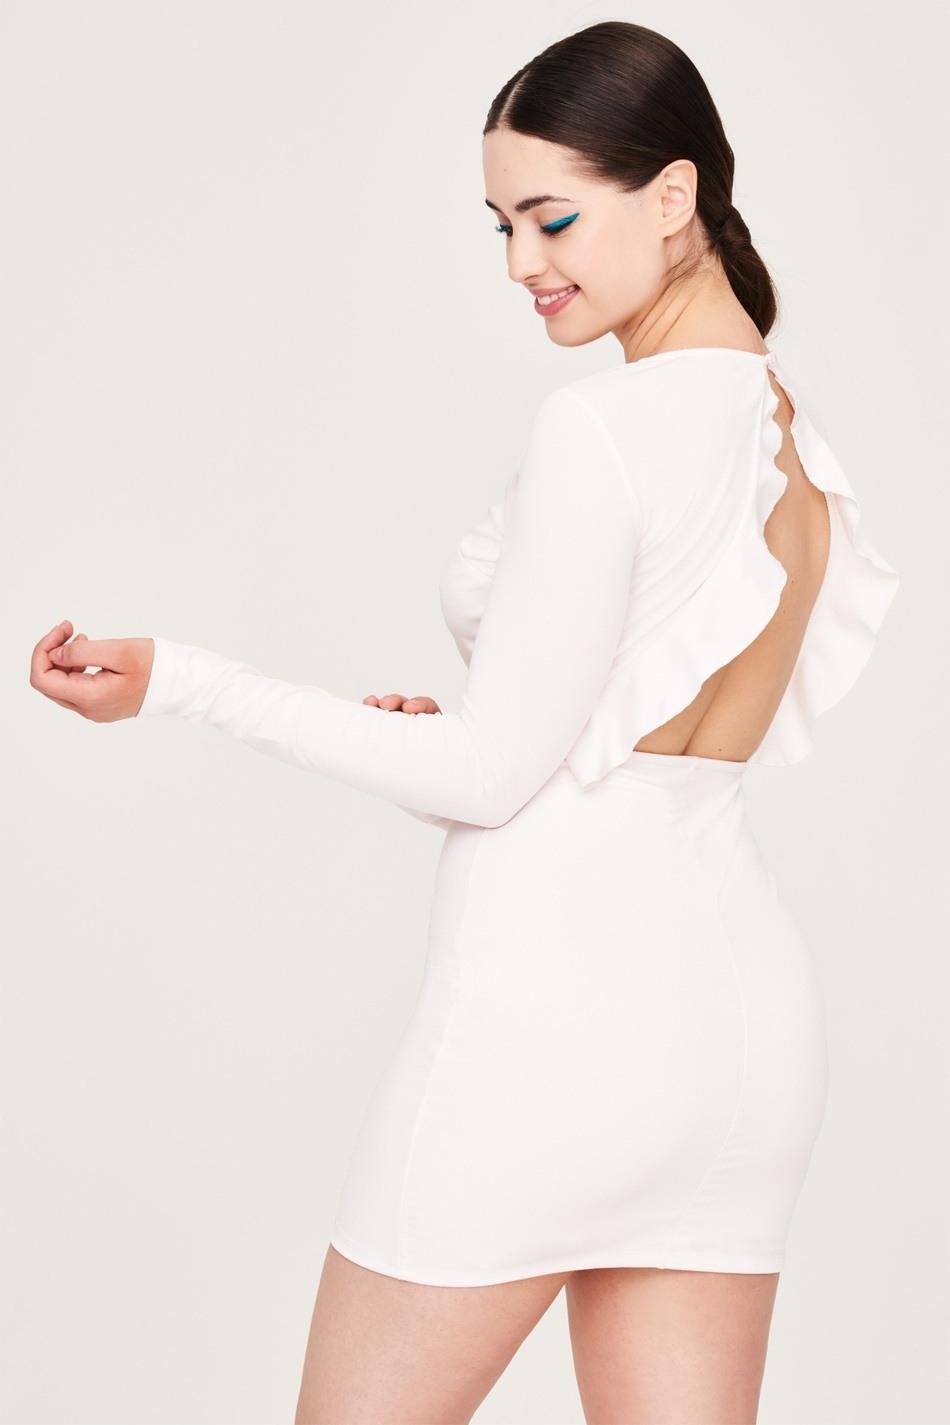 Designer Schön Rückenfreies Kleid für 2019Designer Elegant Rückenfreies Kleid Stylish